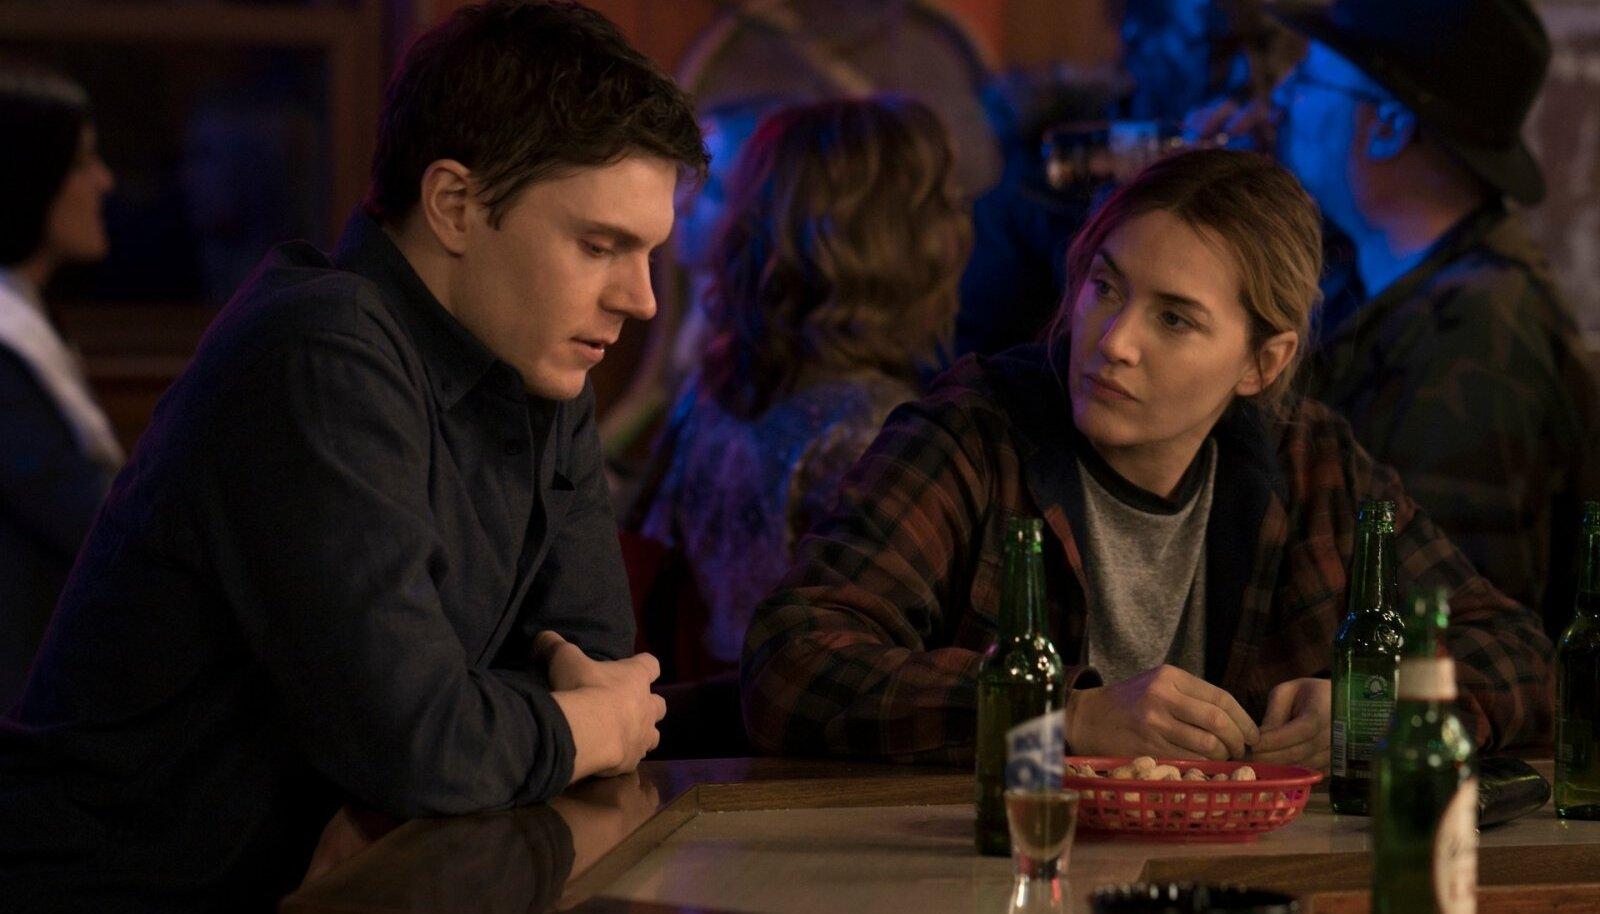 VÄIKELINNA MURED JA RÕÕMUD: Mare (Kate Winslet) ja tema noor kolleeg Colin (Evan Peters) baarileti taga elu- ja tööasju arutamas.